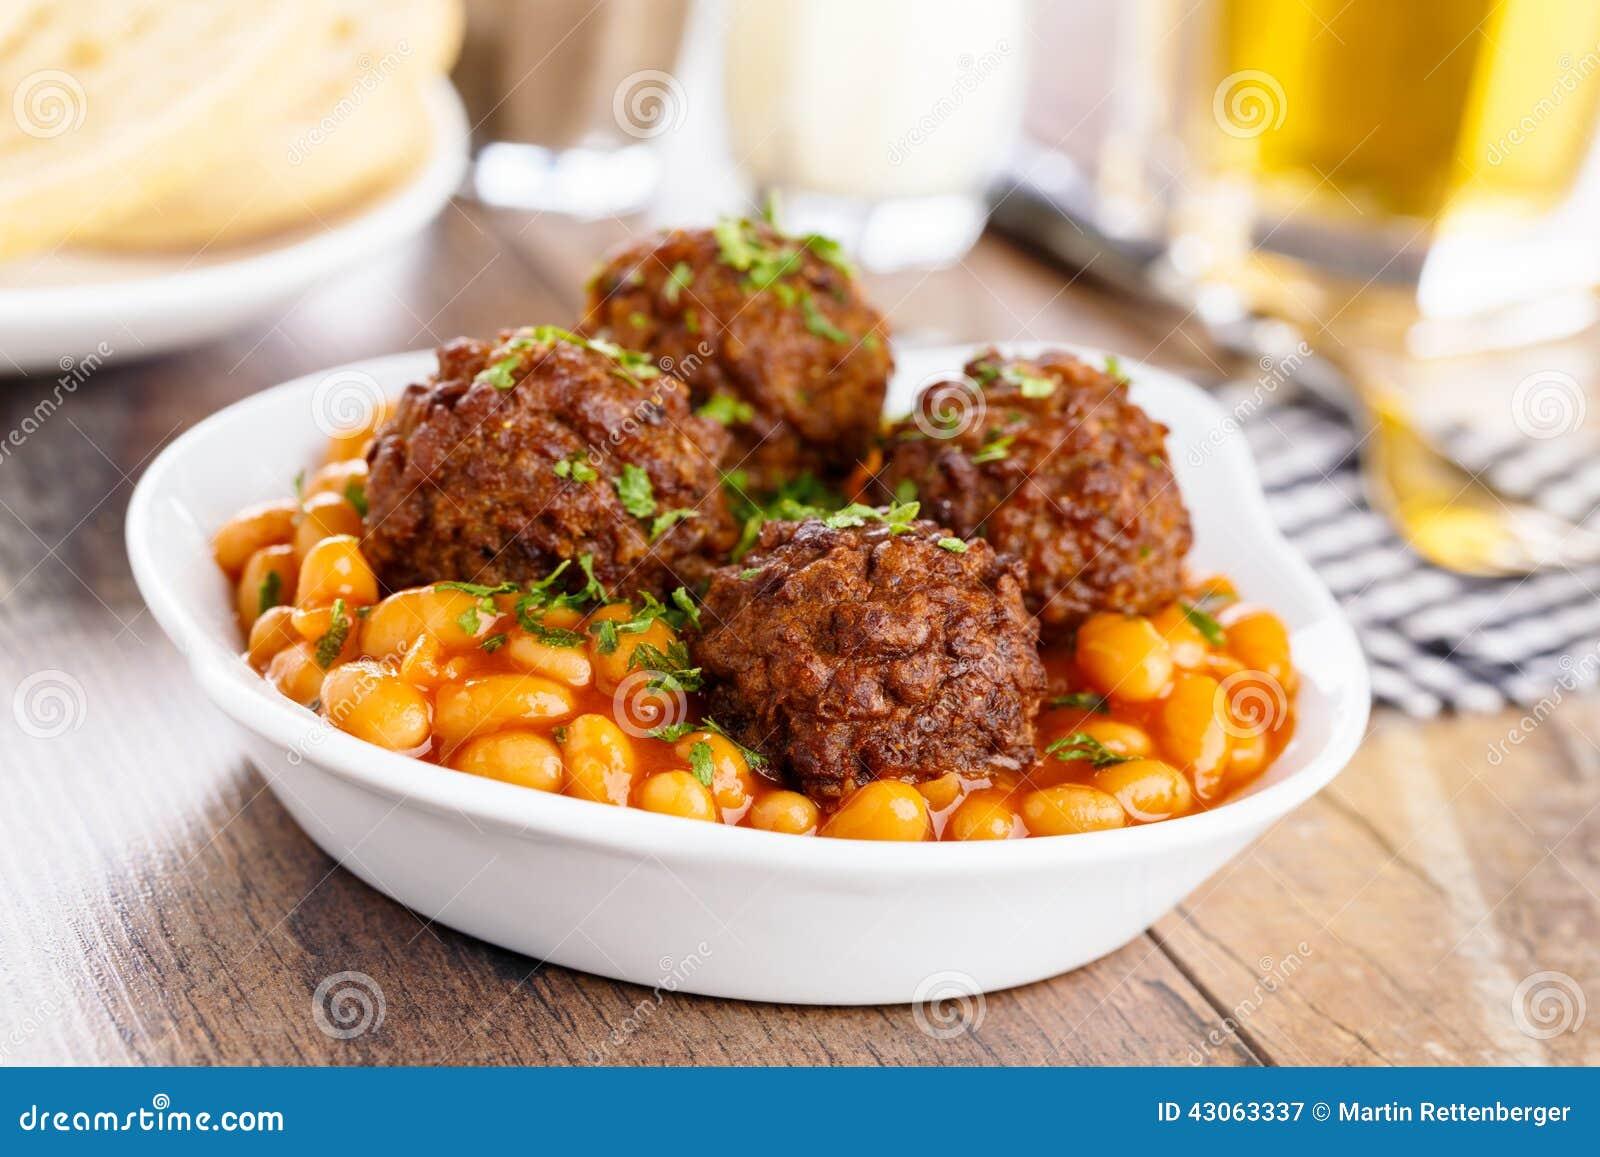 köttbullar med bönor